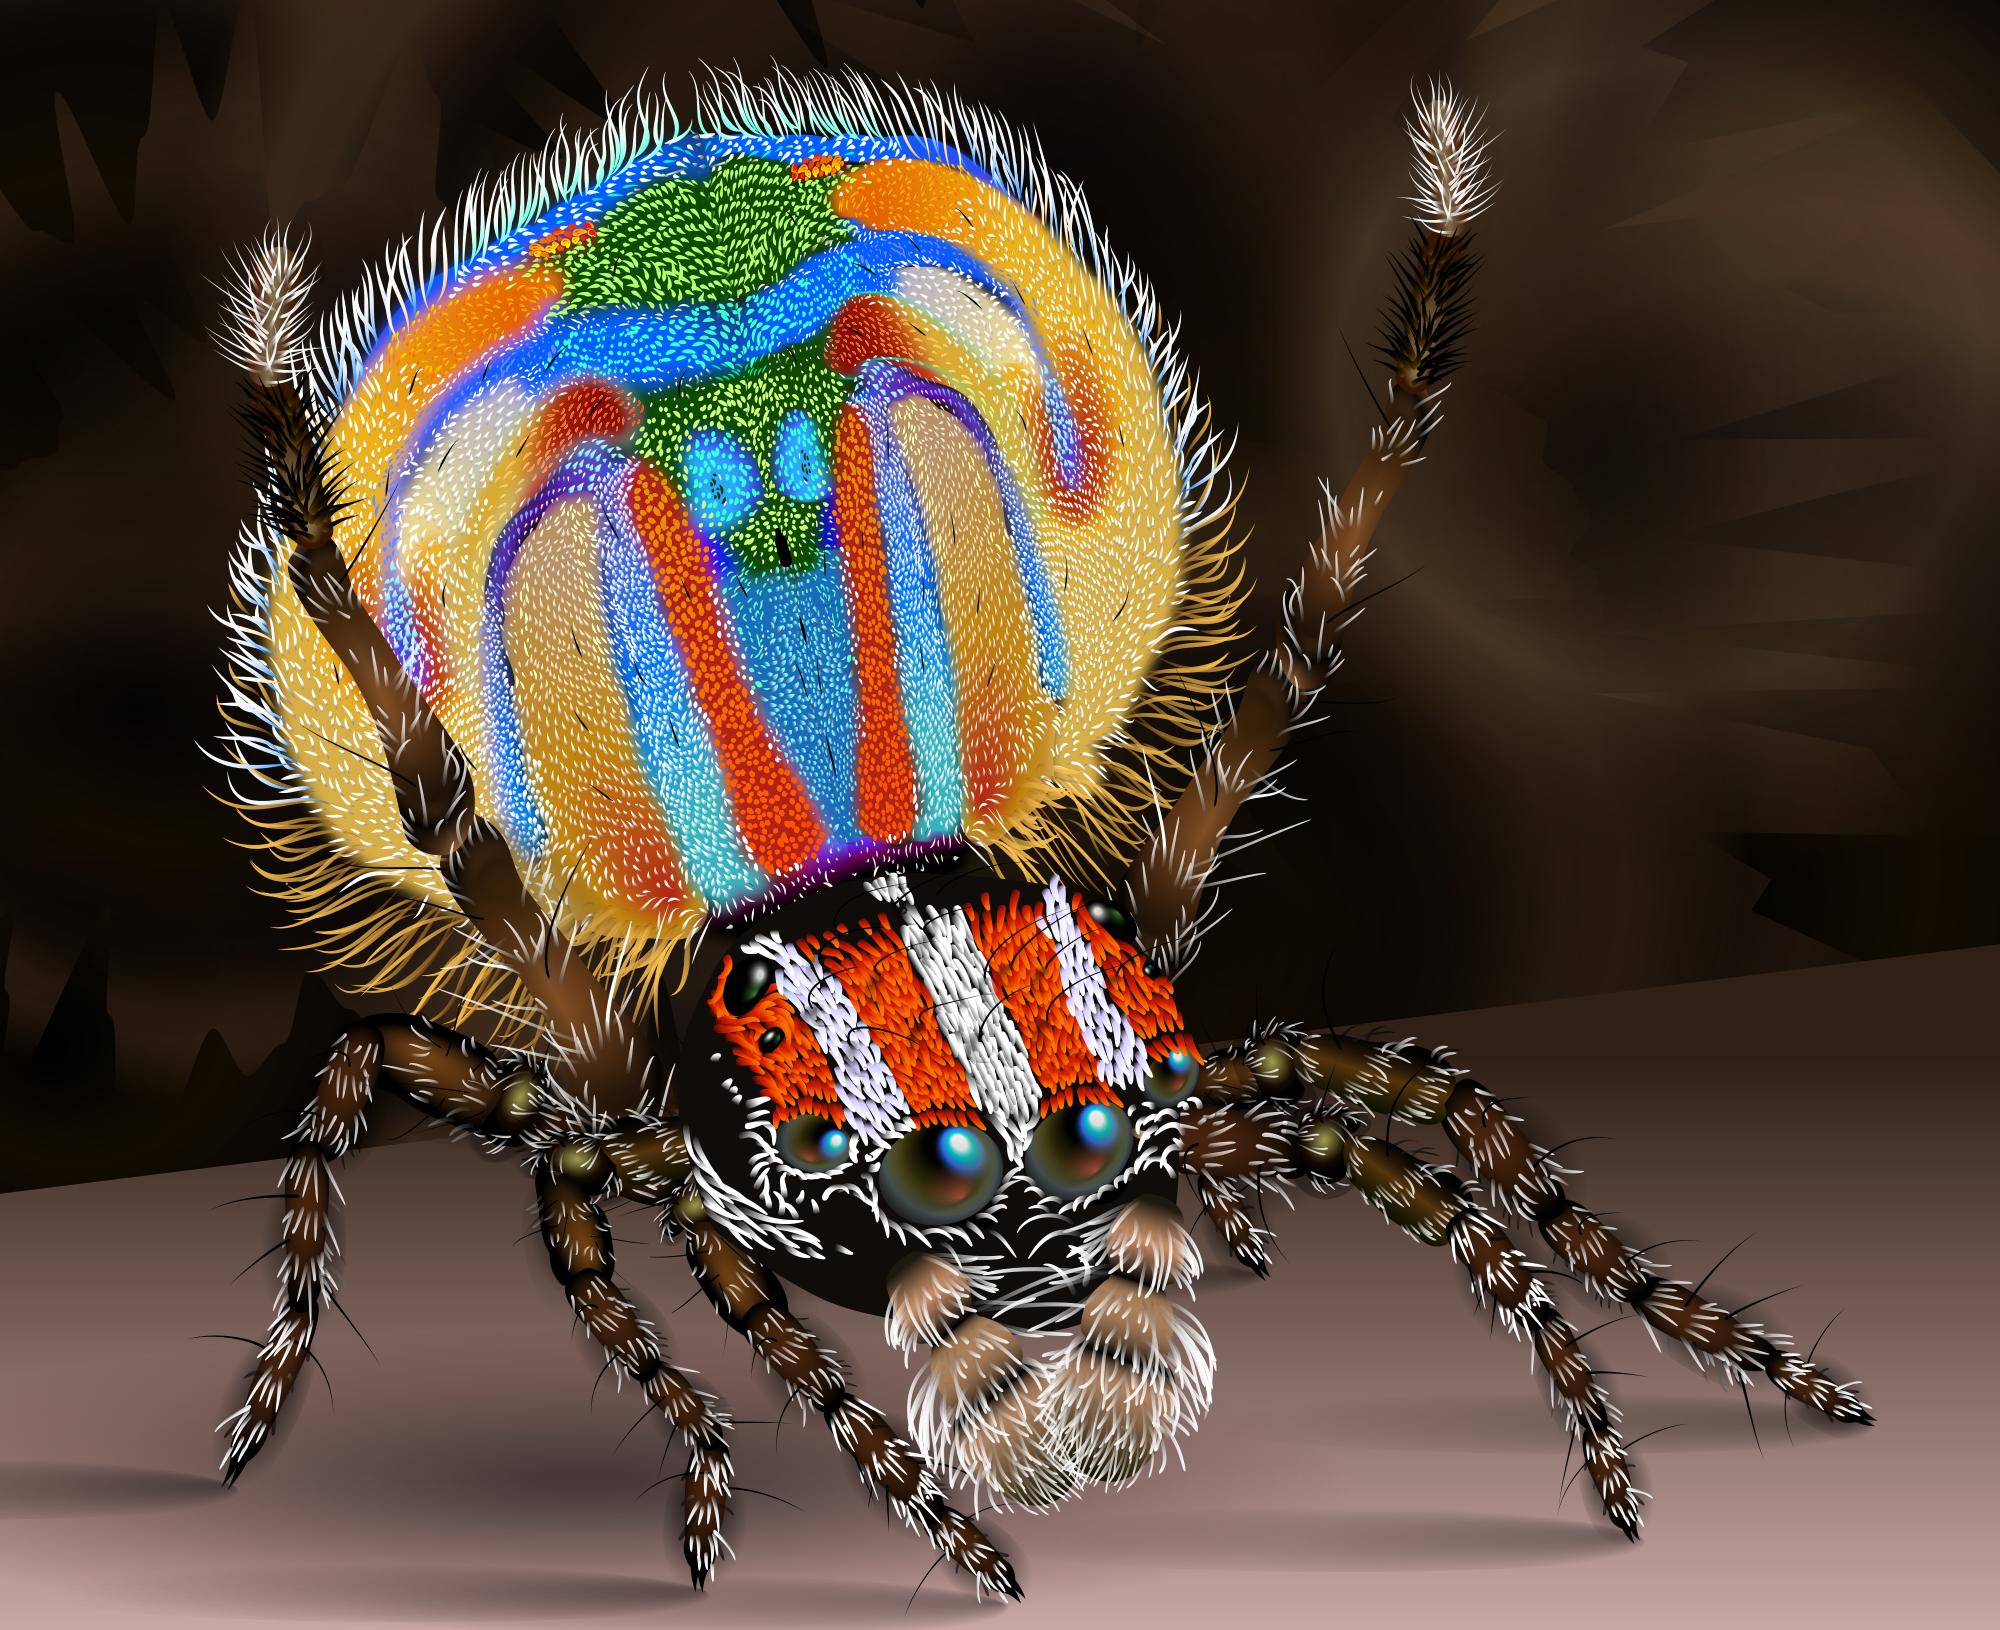 Az egri szakértő elárulta melyik póktól meneküljön, ha meglátja a gyümölcsök között